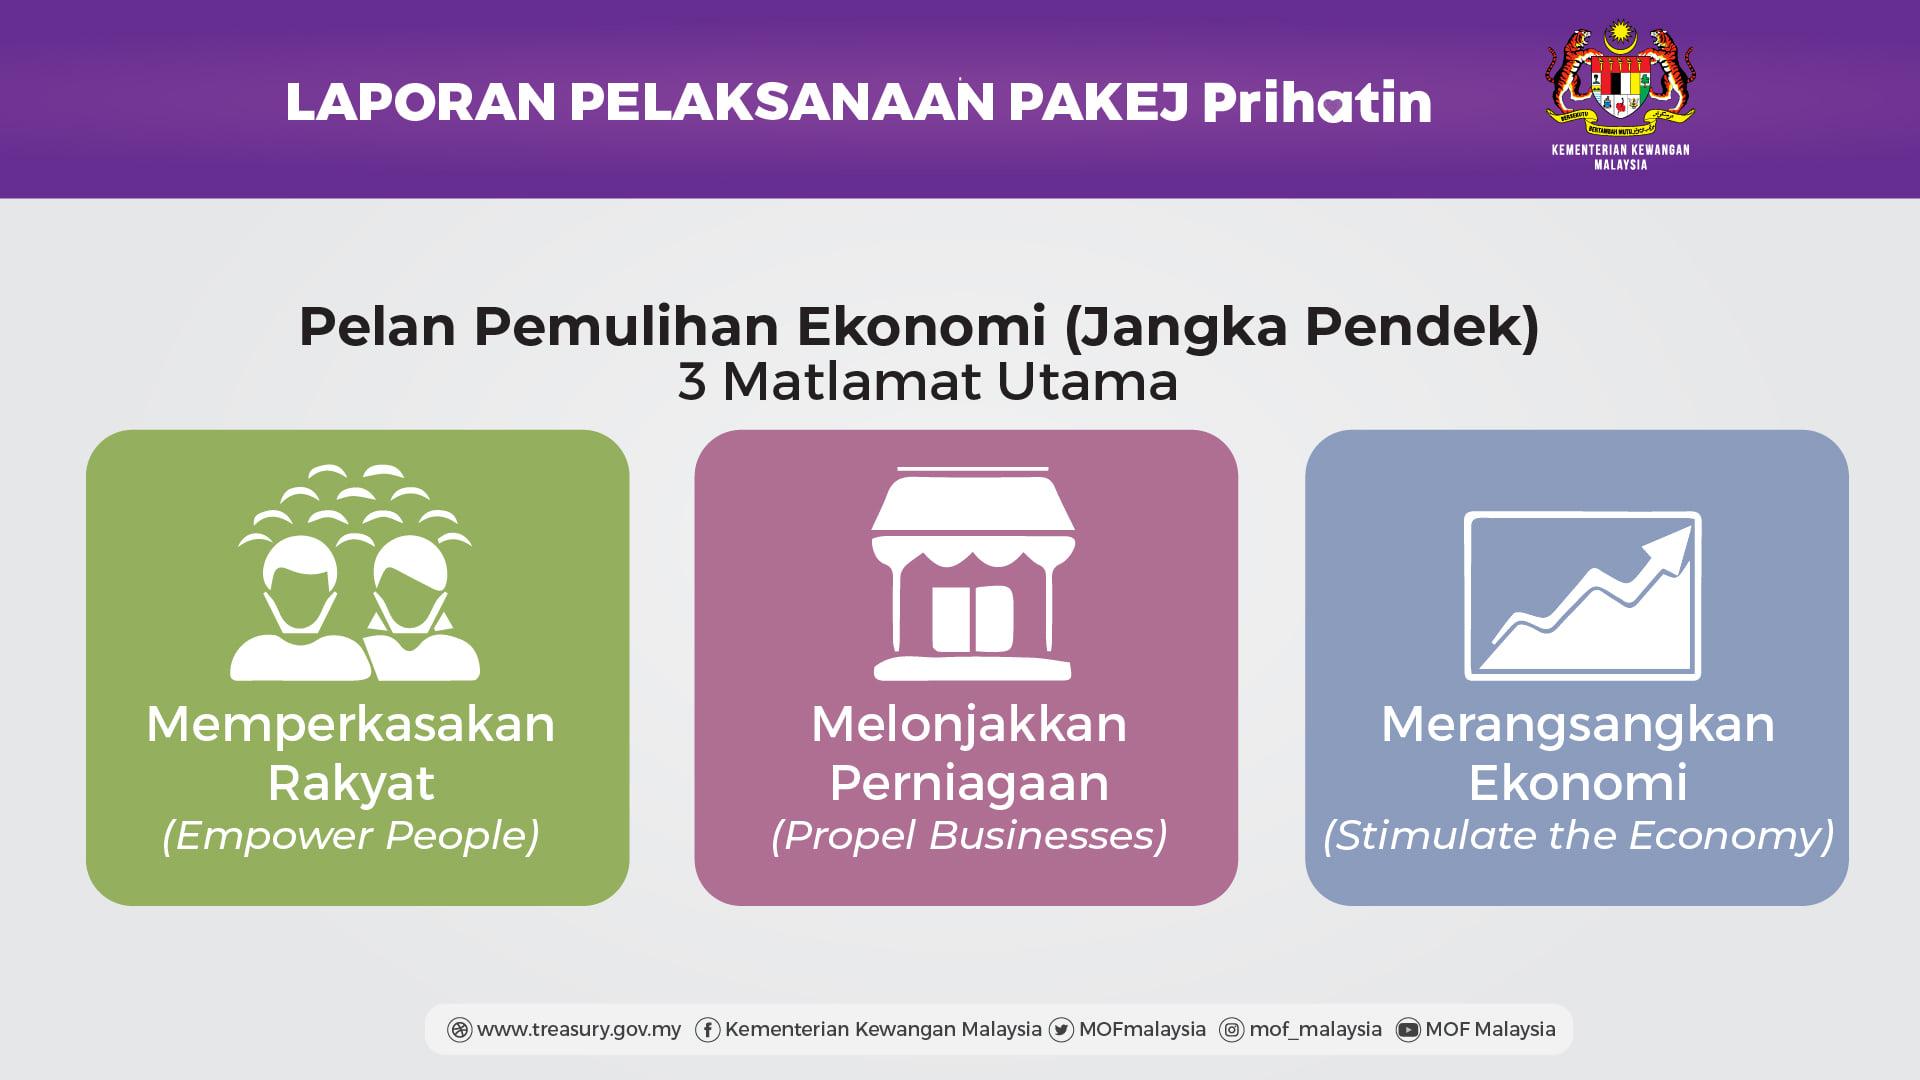 pelan-pemulihan-ekonomi-jangka-pendek-3-matlamat-utama